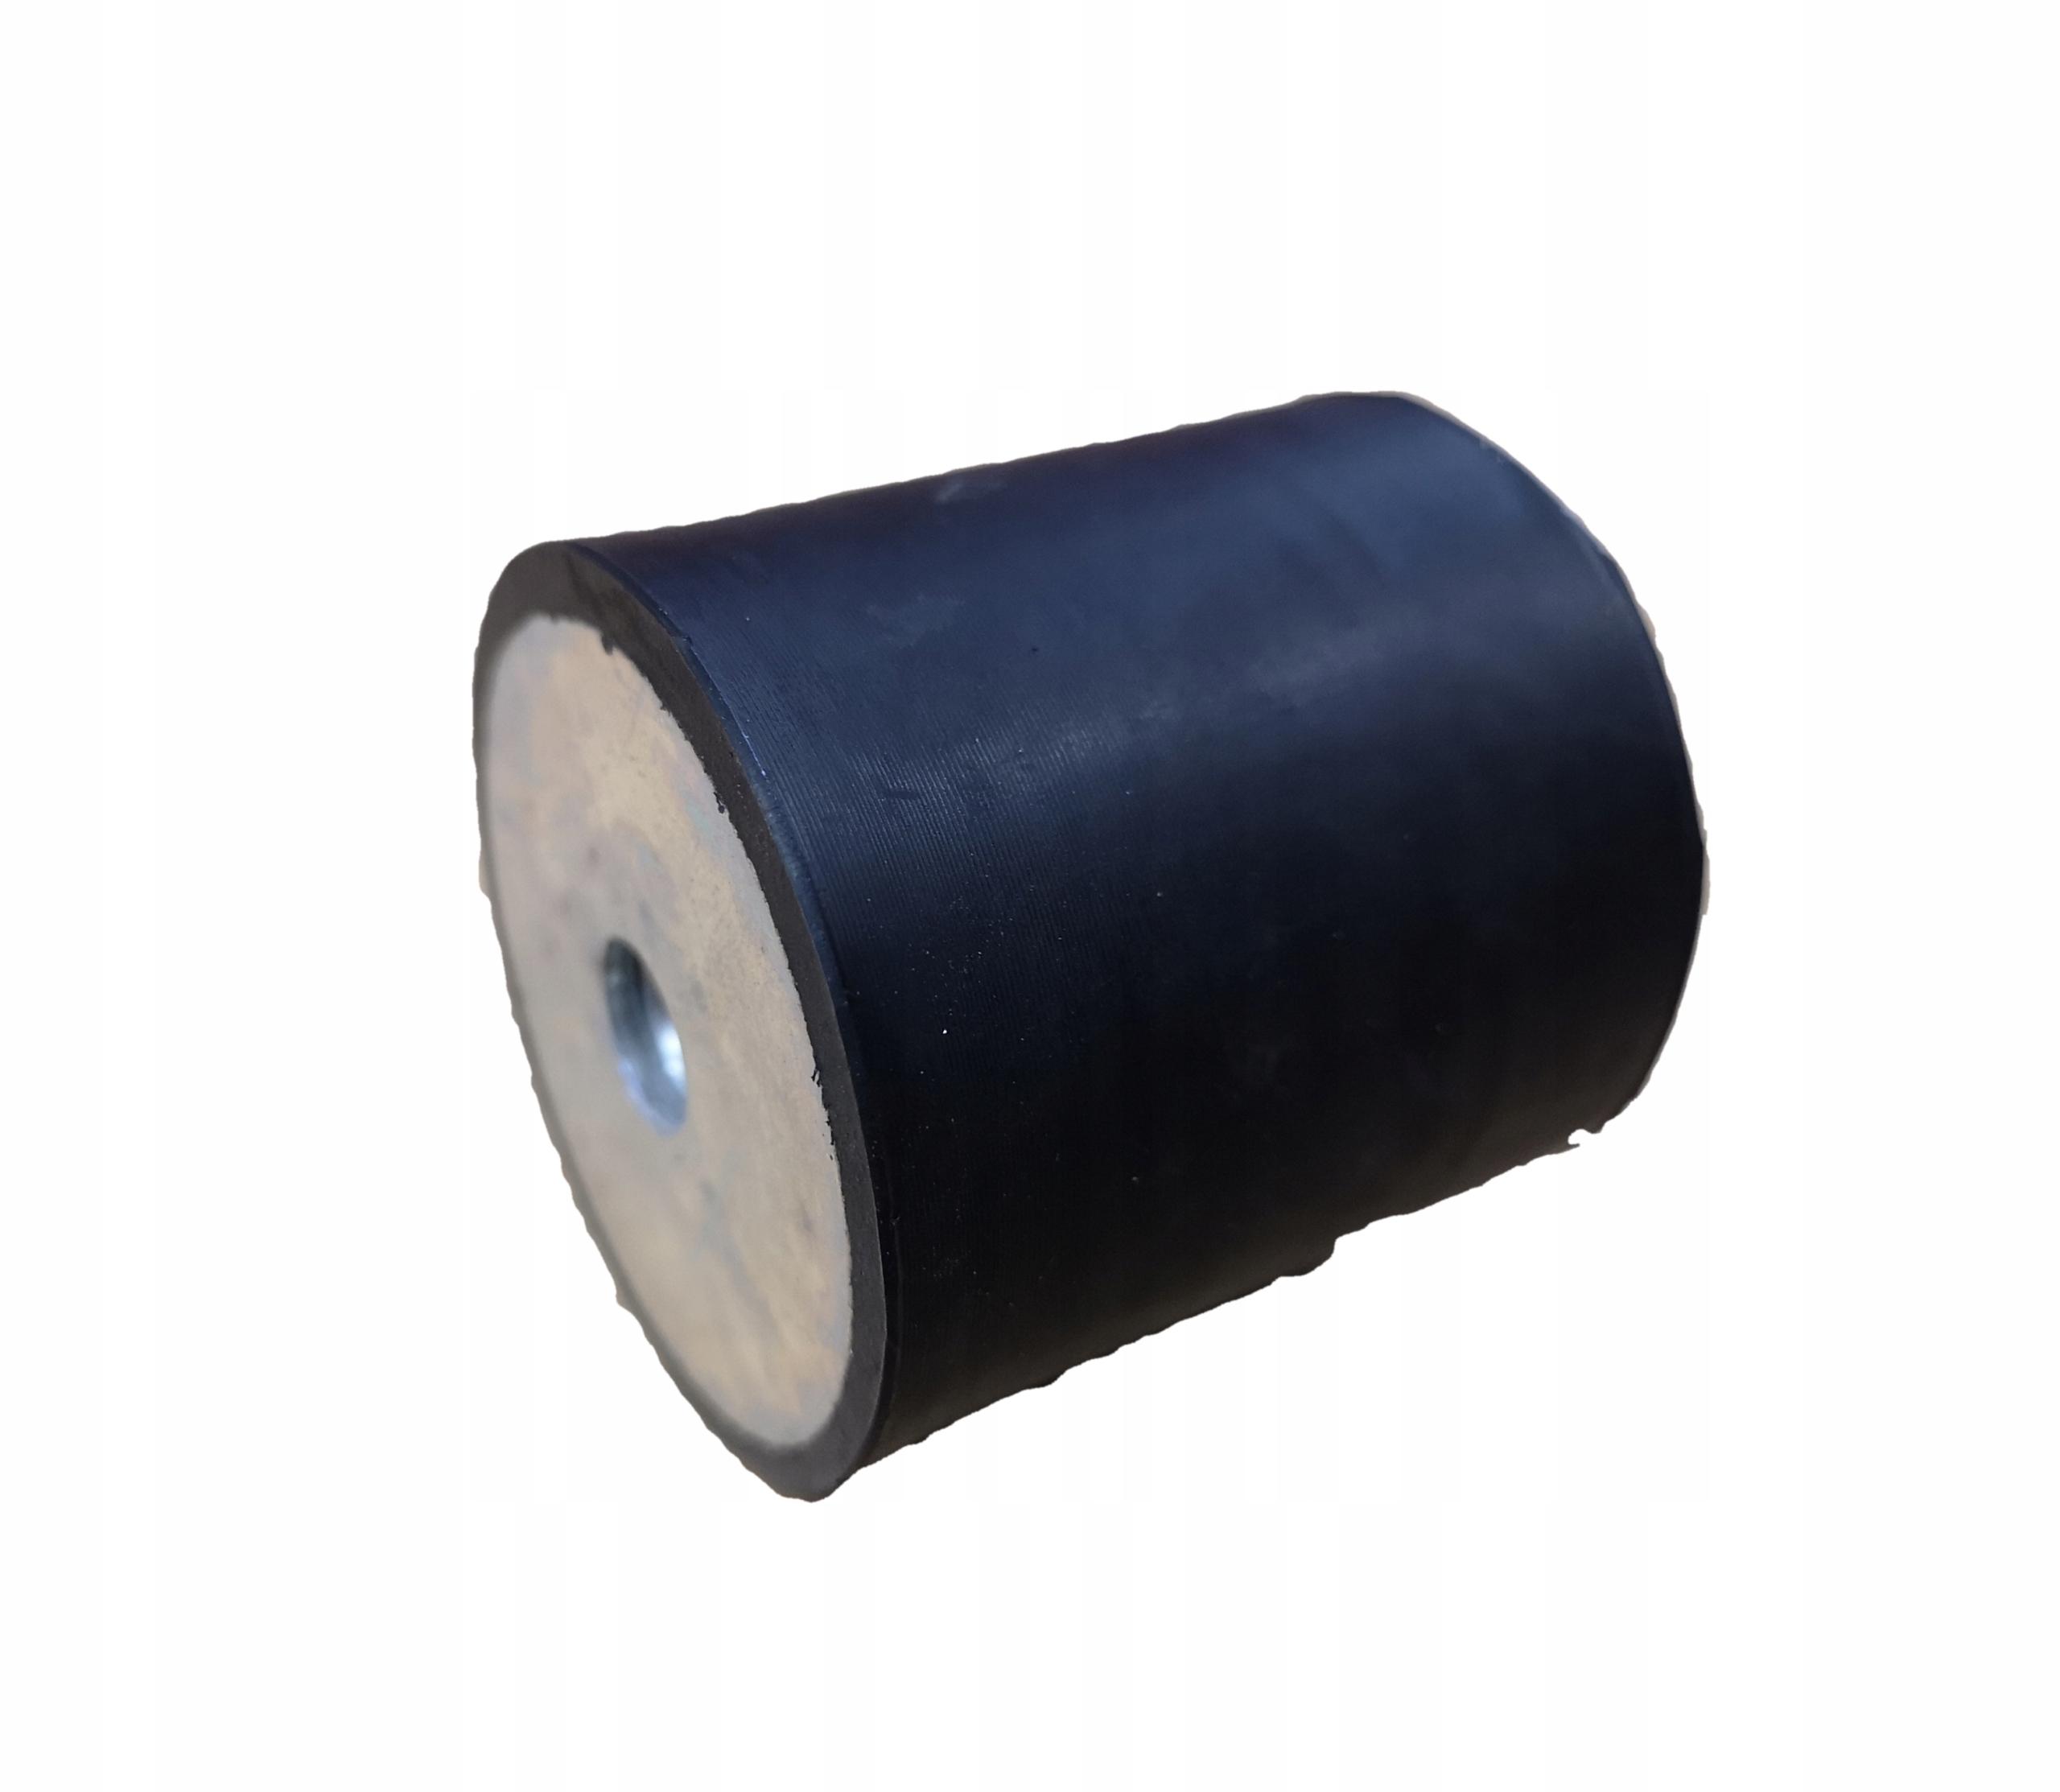 упор - и весь день спать подушка резина металл 50x50m10 pl